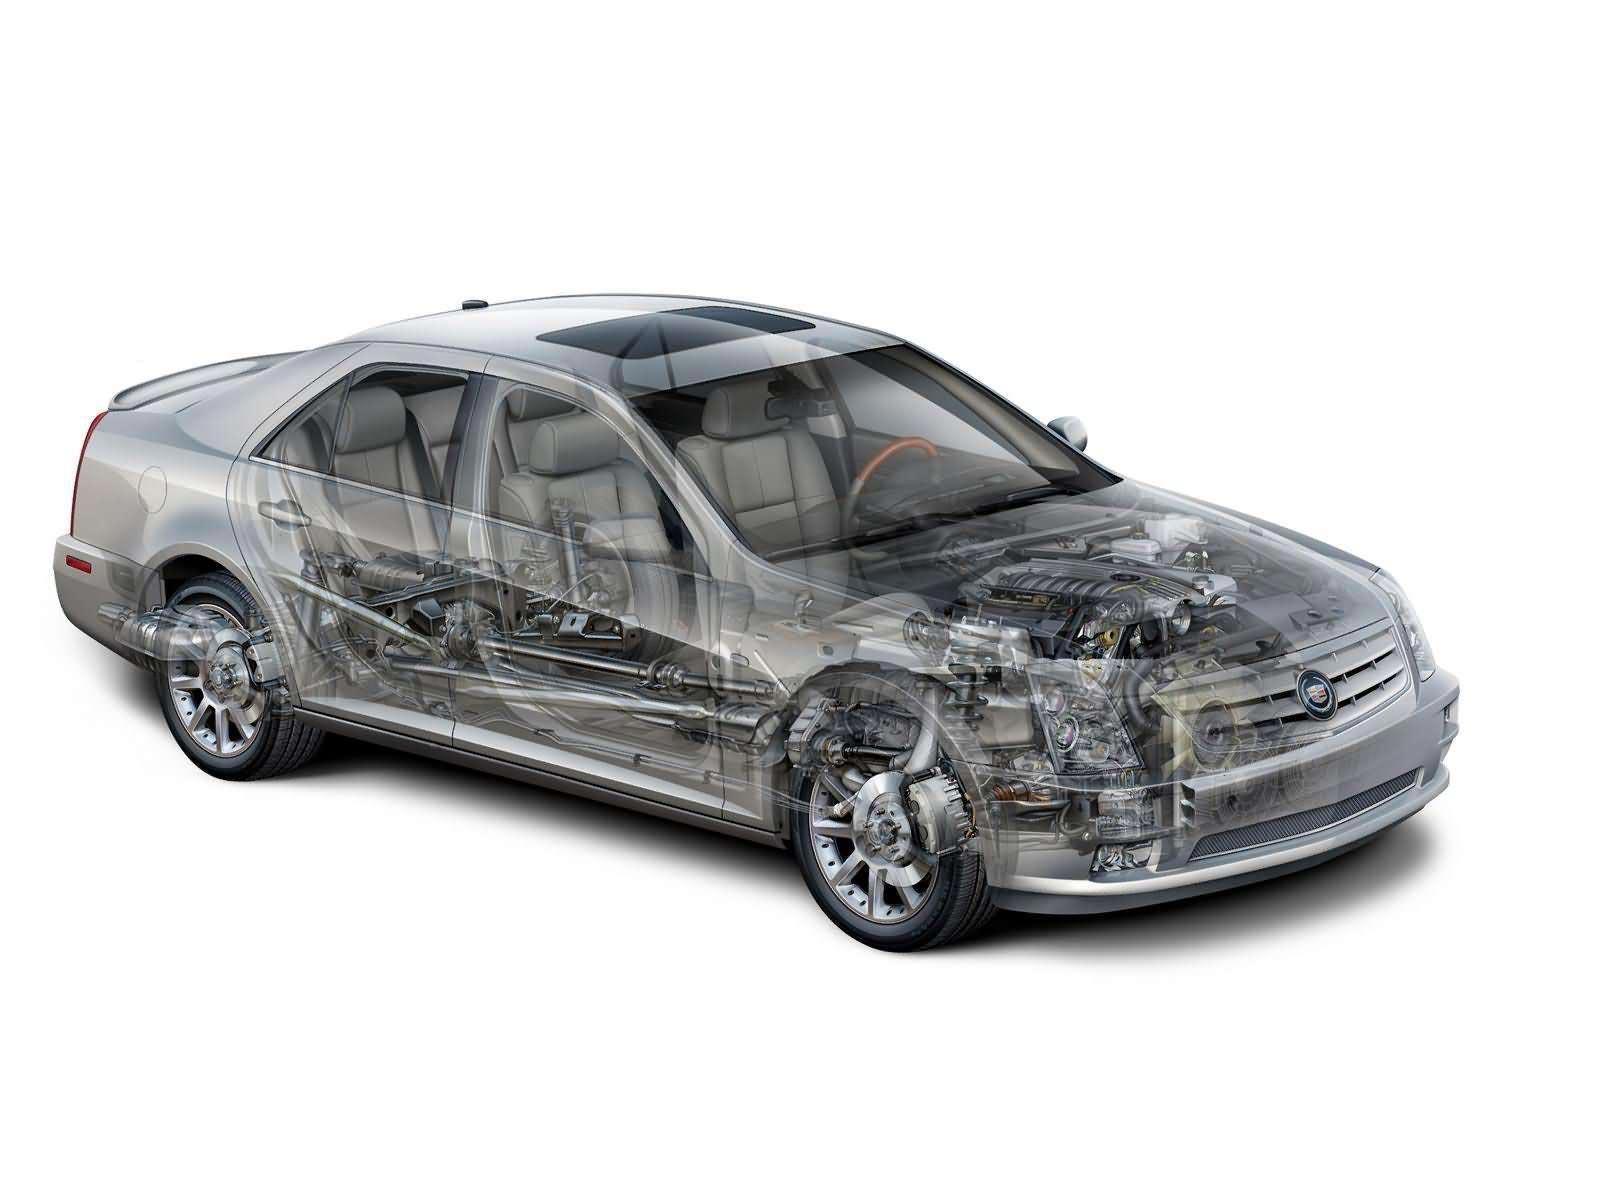 Cadillac STS cutaway drawing